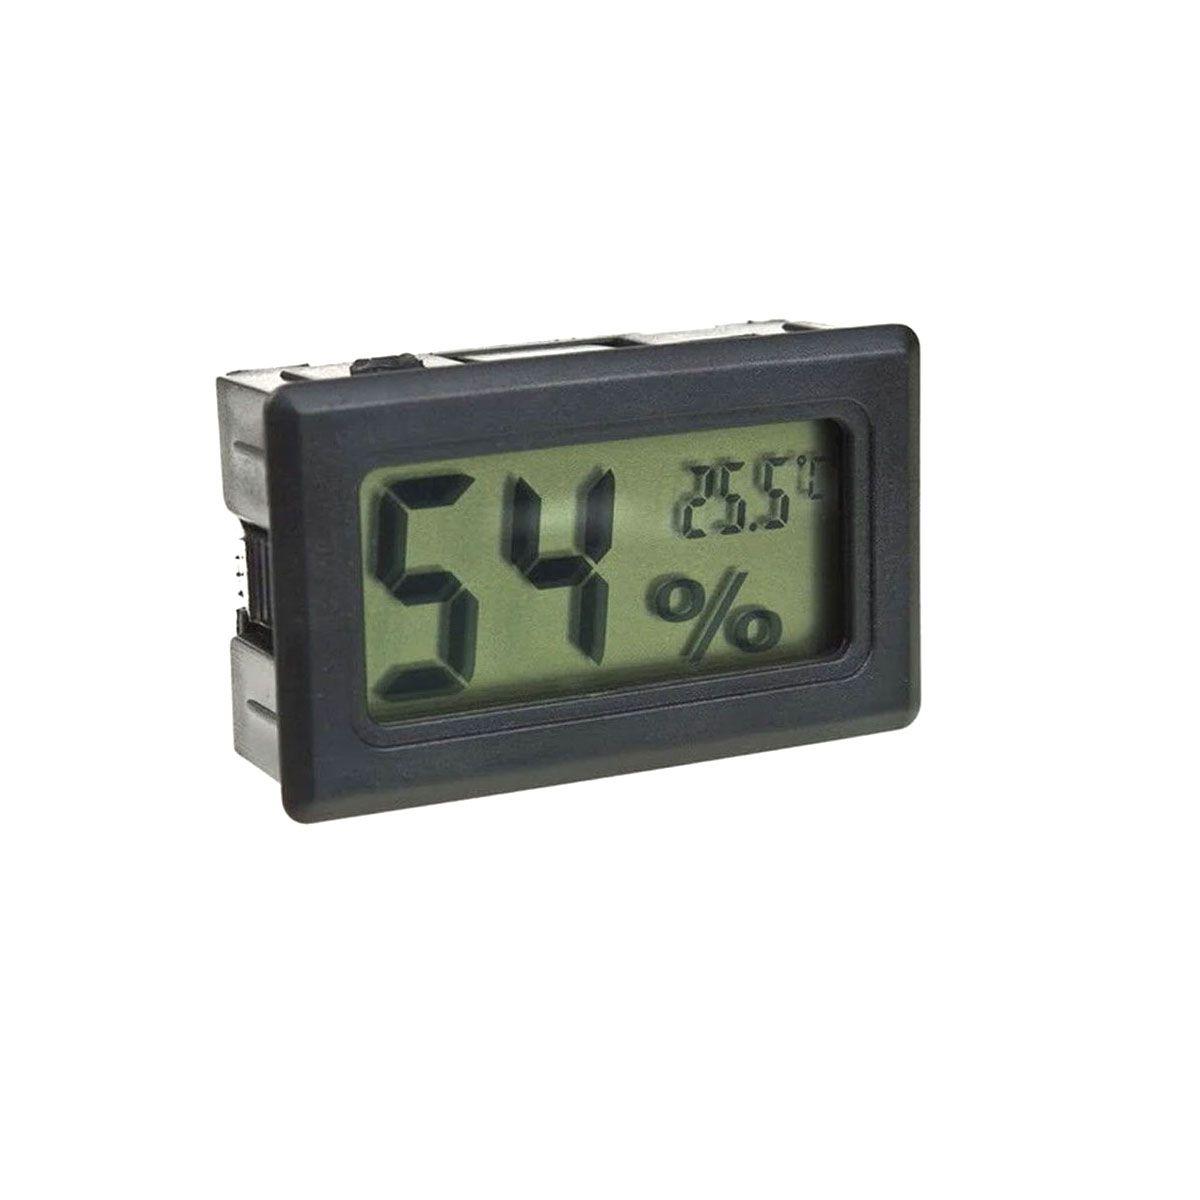 Mini Termômetro - Higrômetro Digital / Mede Temperatura e Umidade COM Baterias - Preto